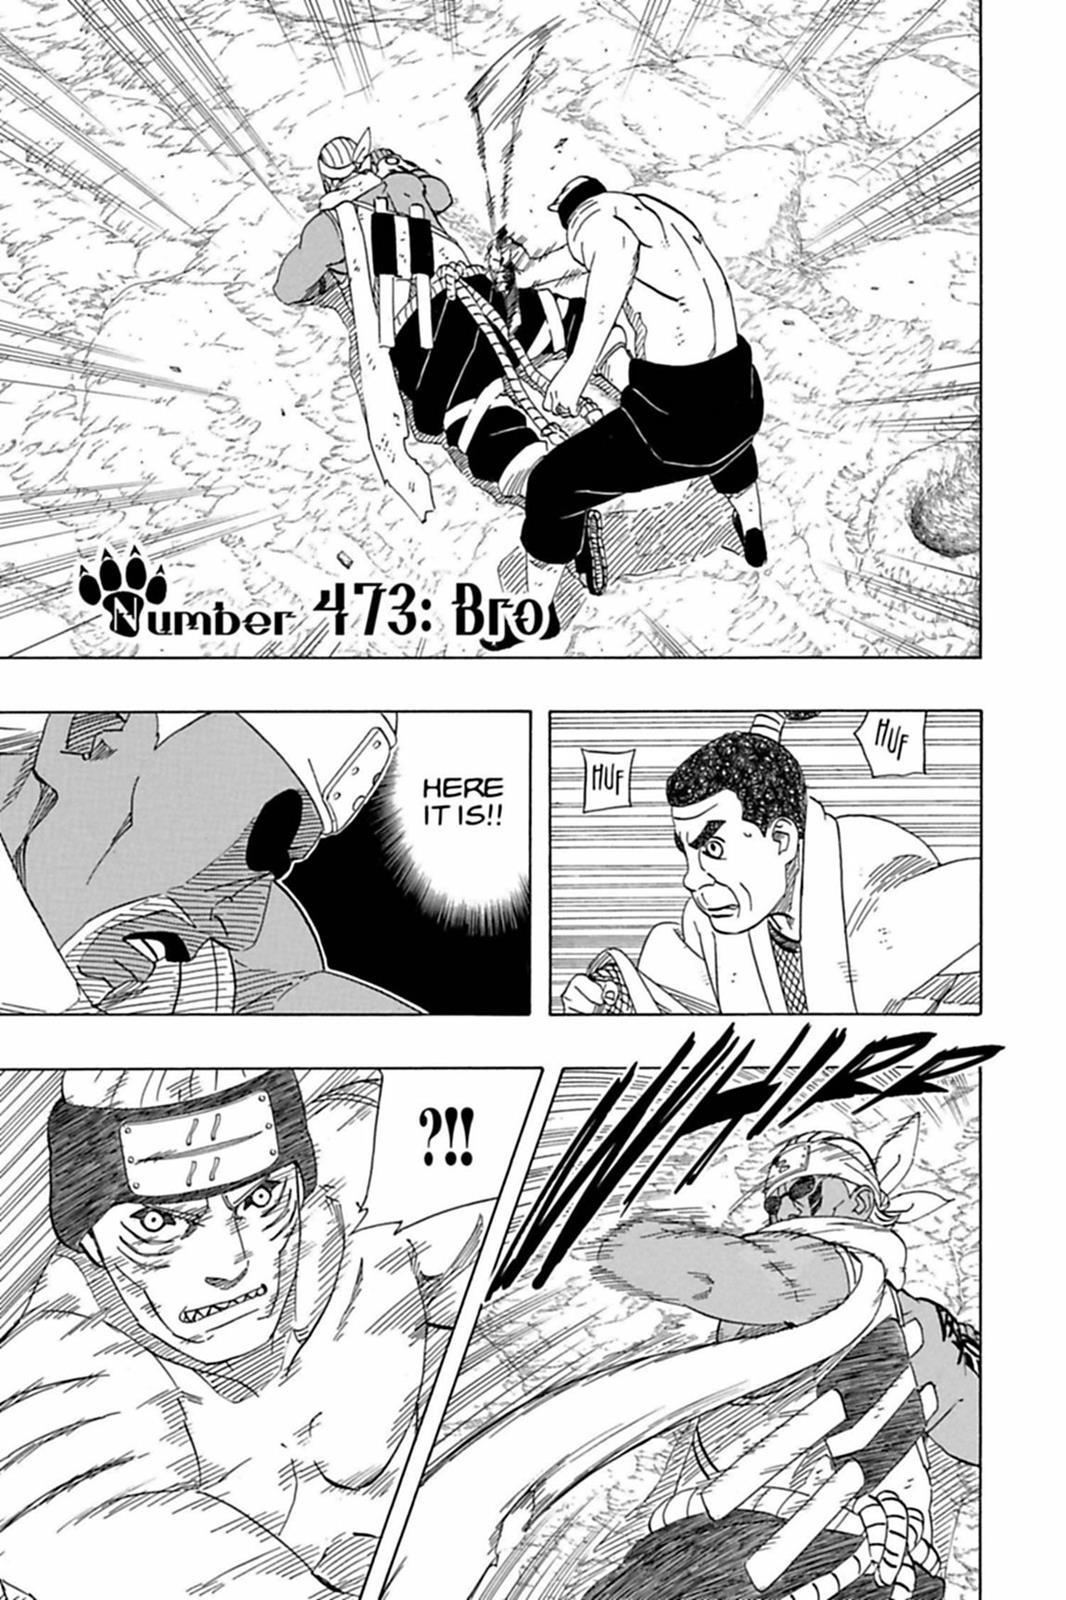 Itachi vs Killer Bee: Destrinchando a luta! - Página 2 0473-001